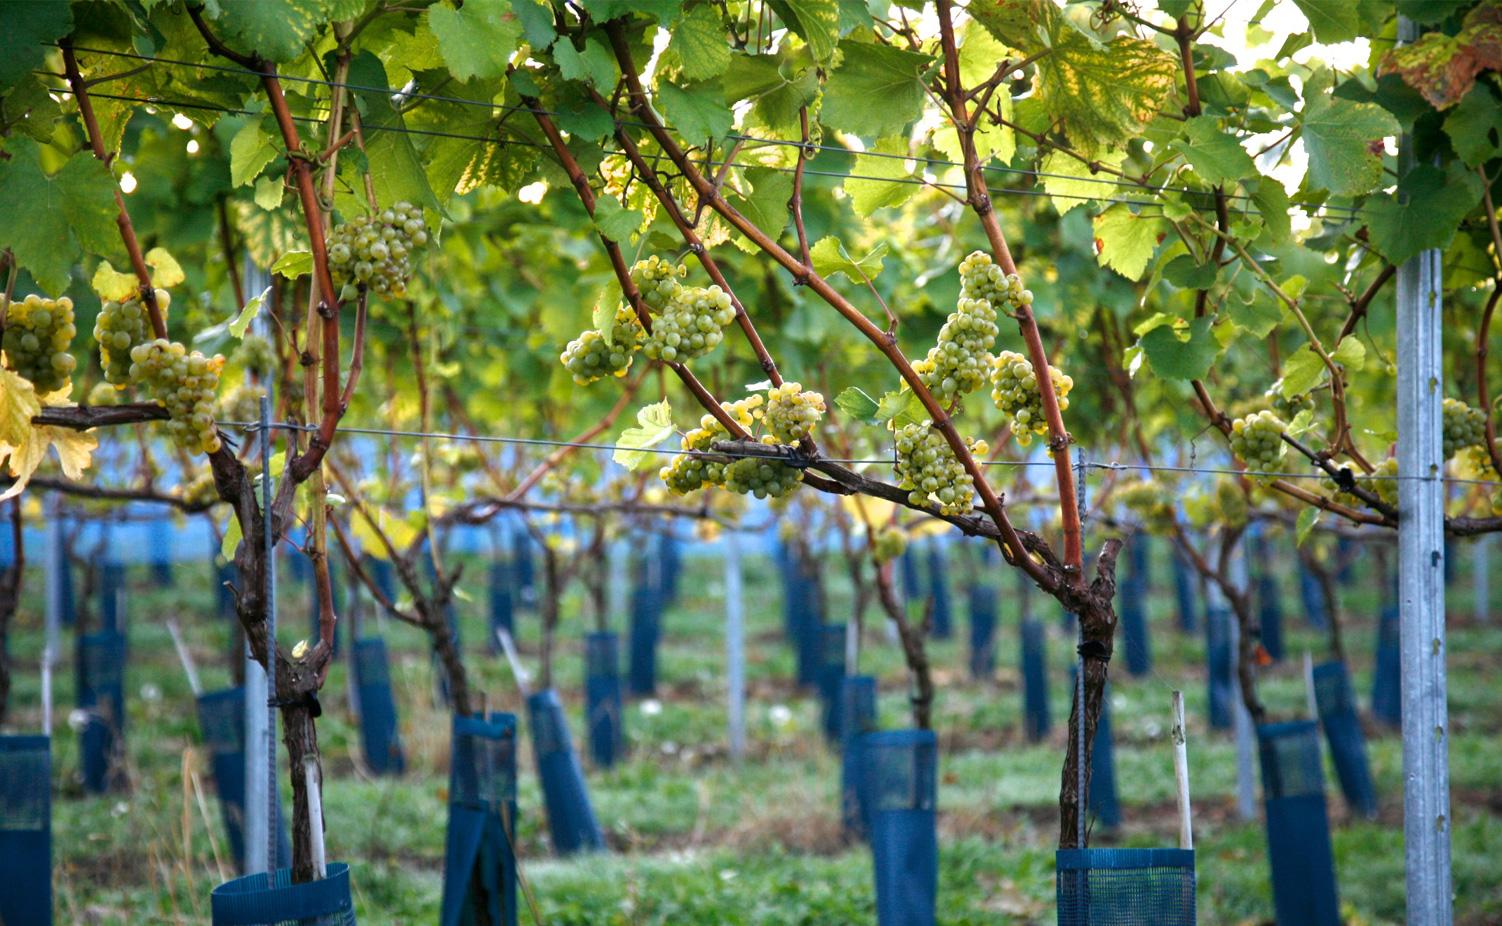 Doorkijkje in de wijngaard...